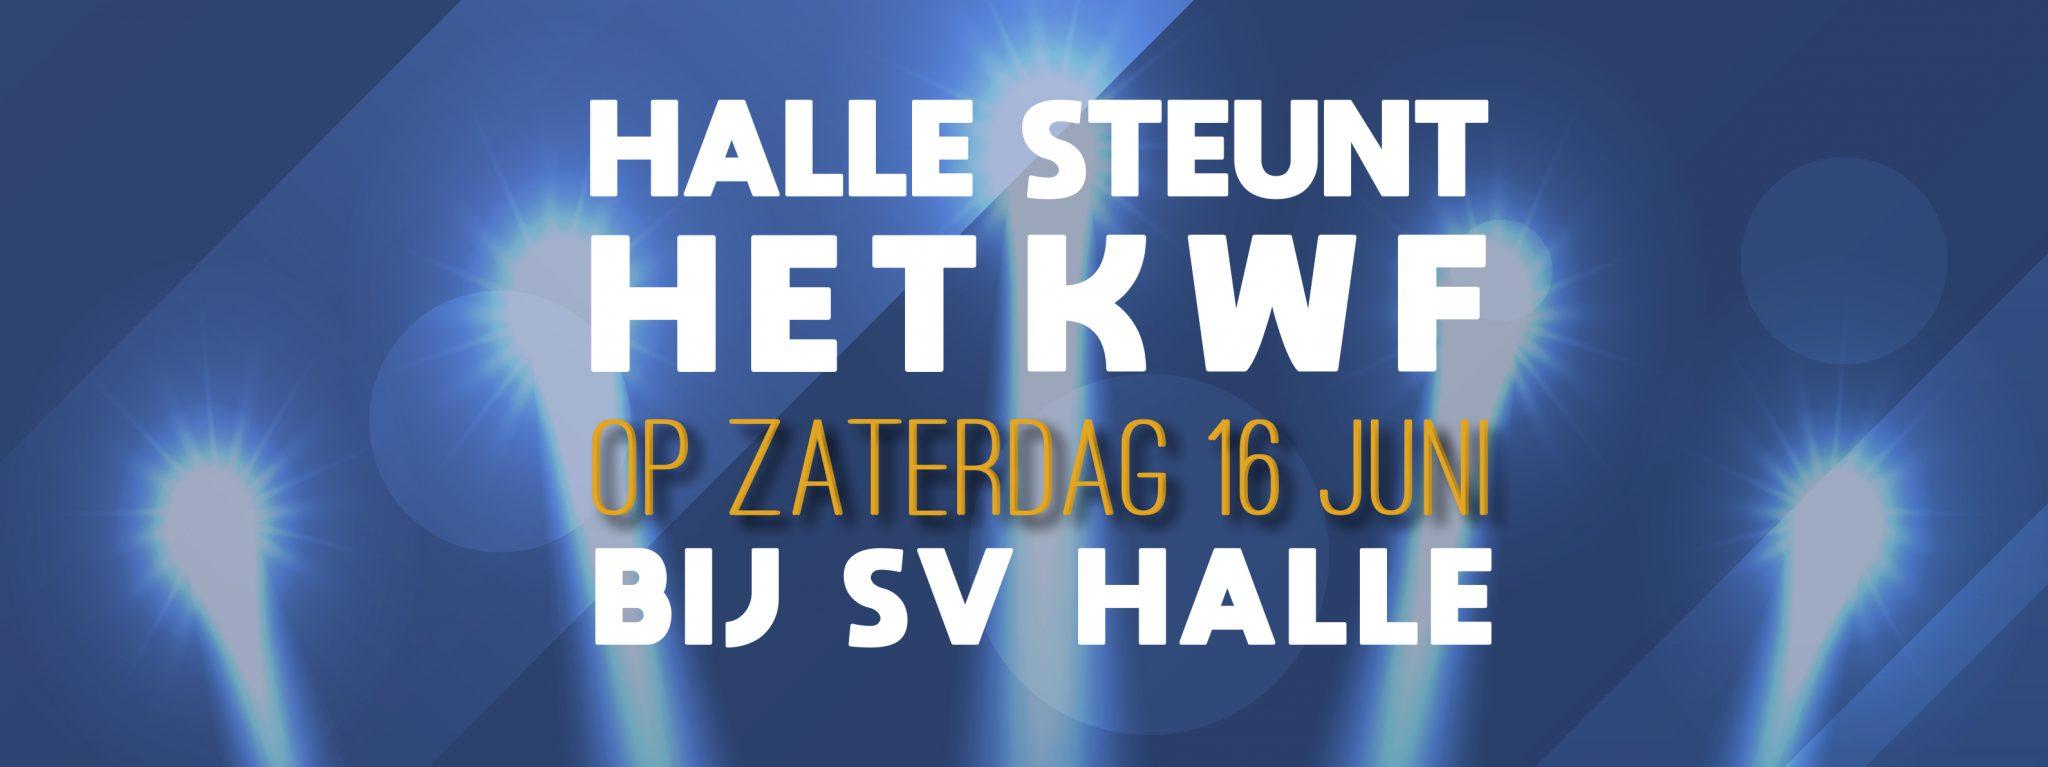 SV Halle steunt het KWF!